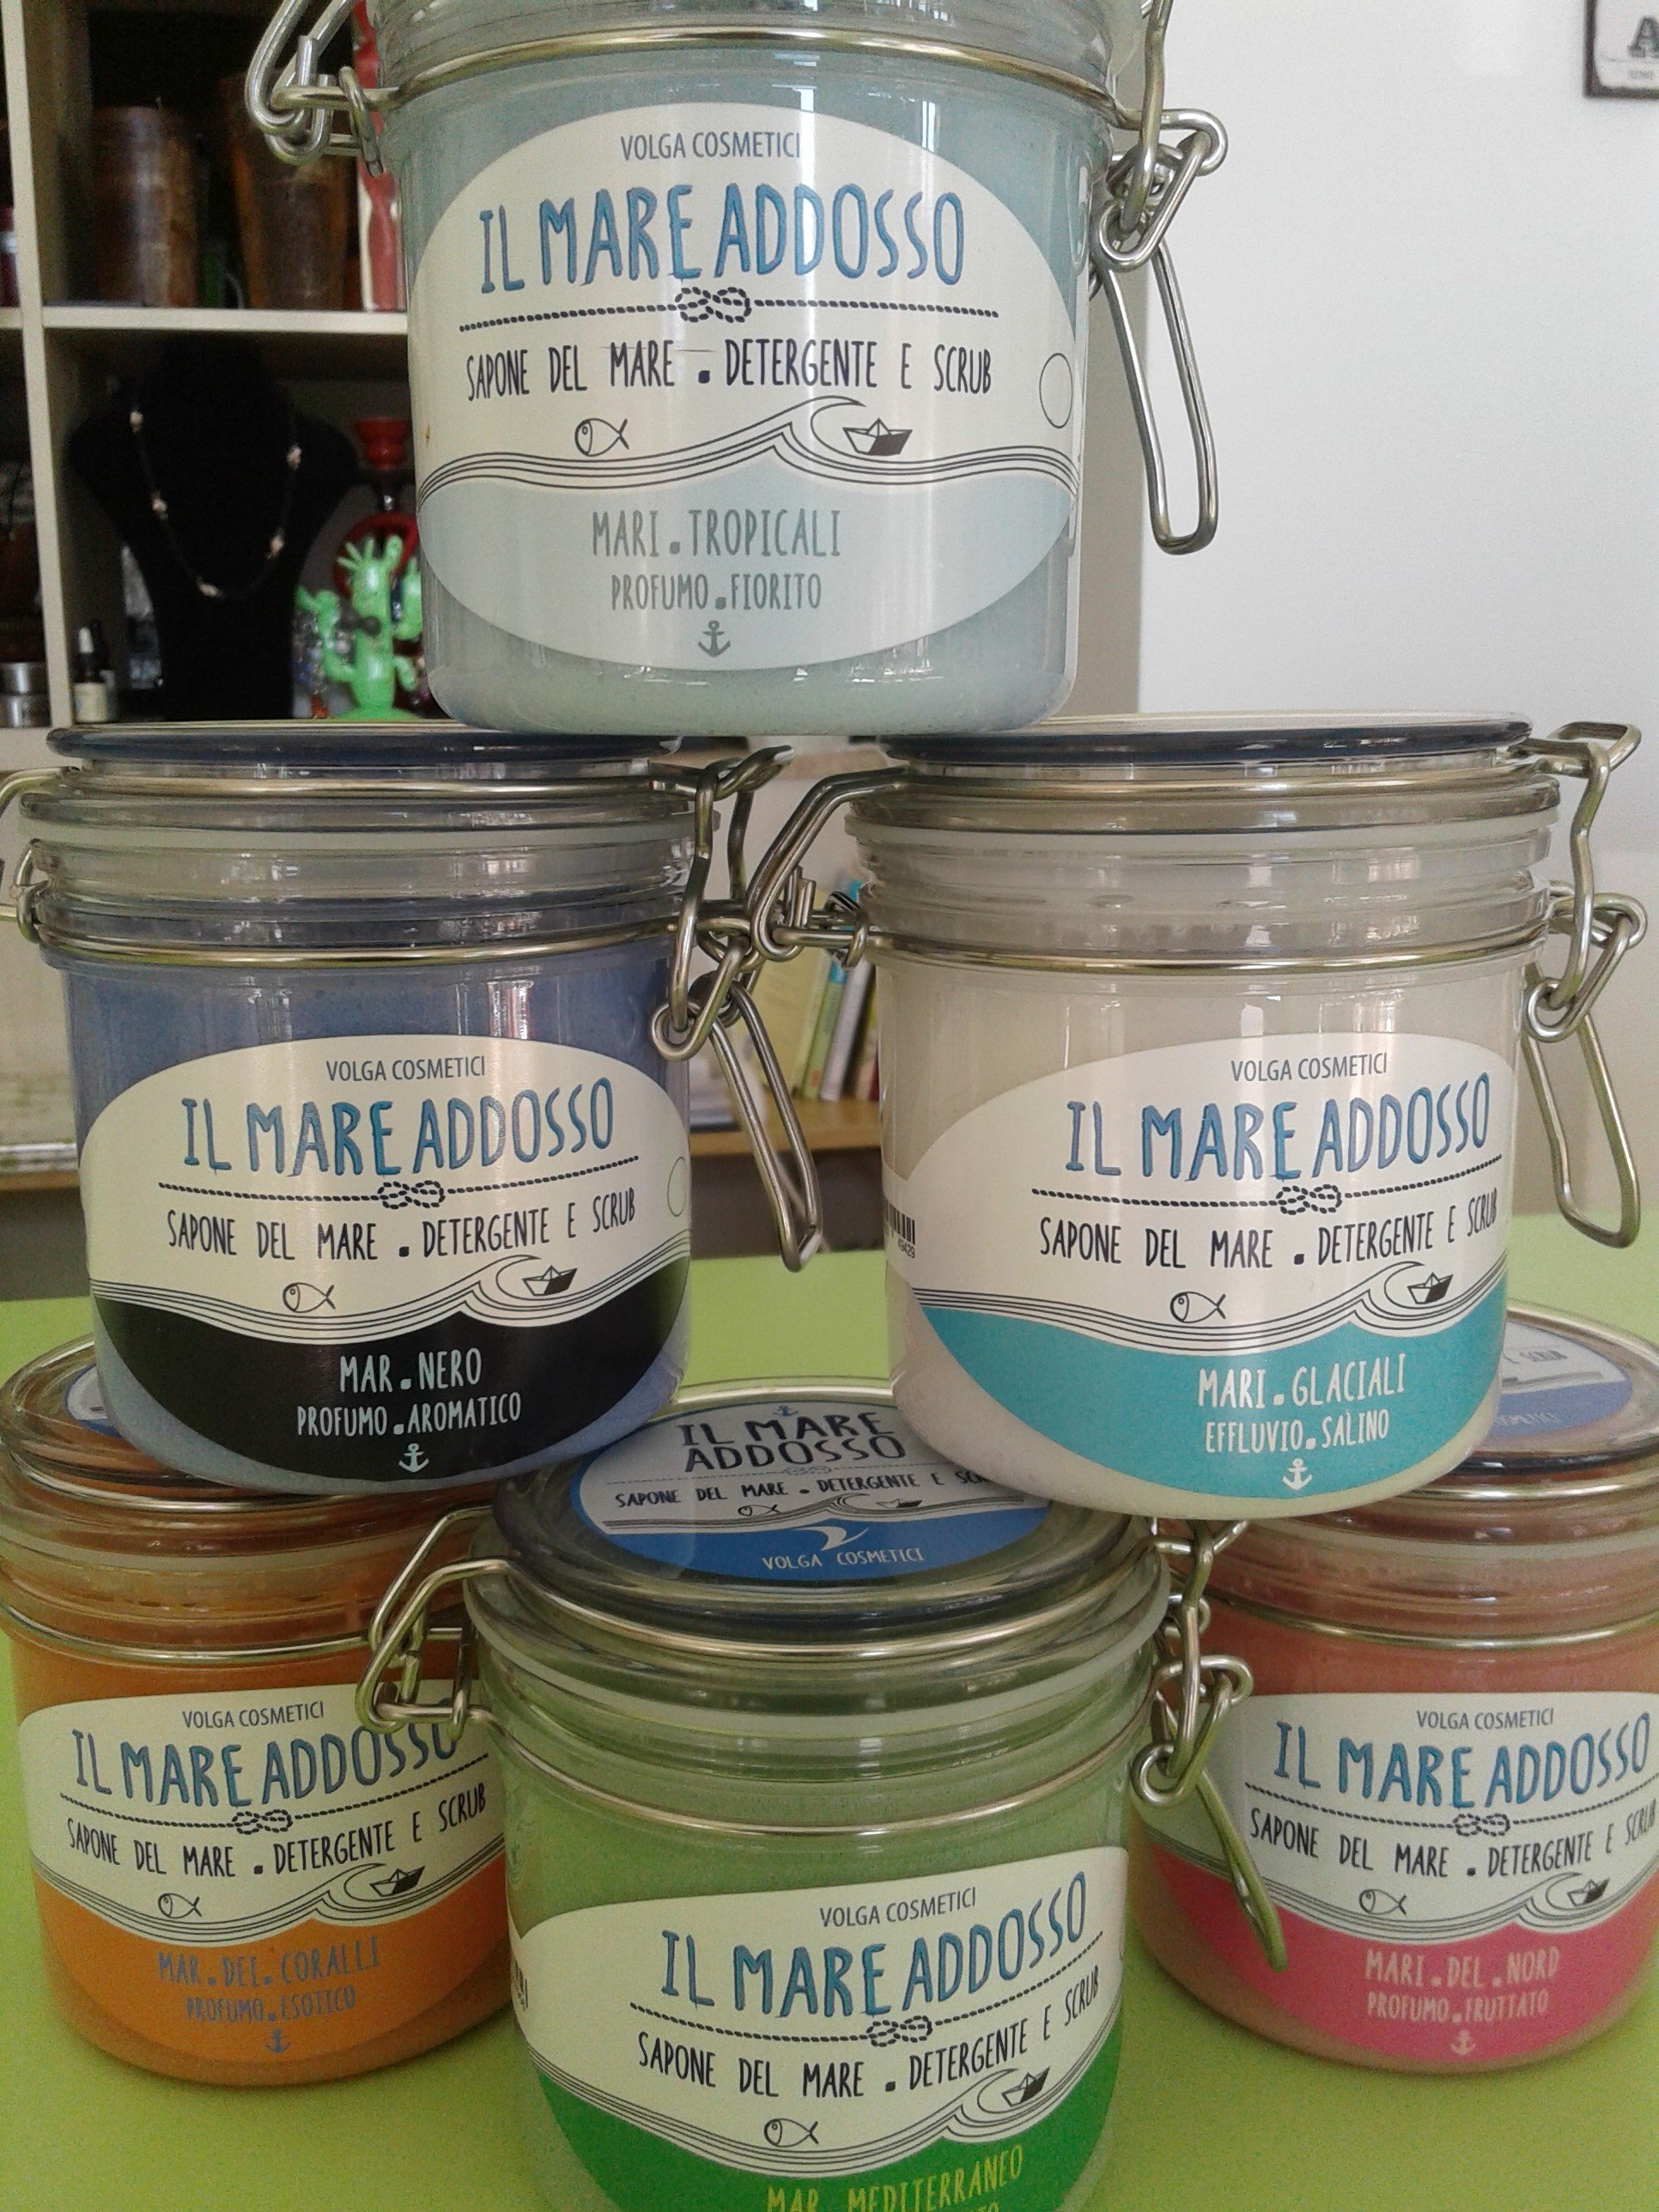 dei barattoli con dei prodotti gel di diversi colori